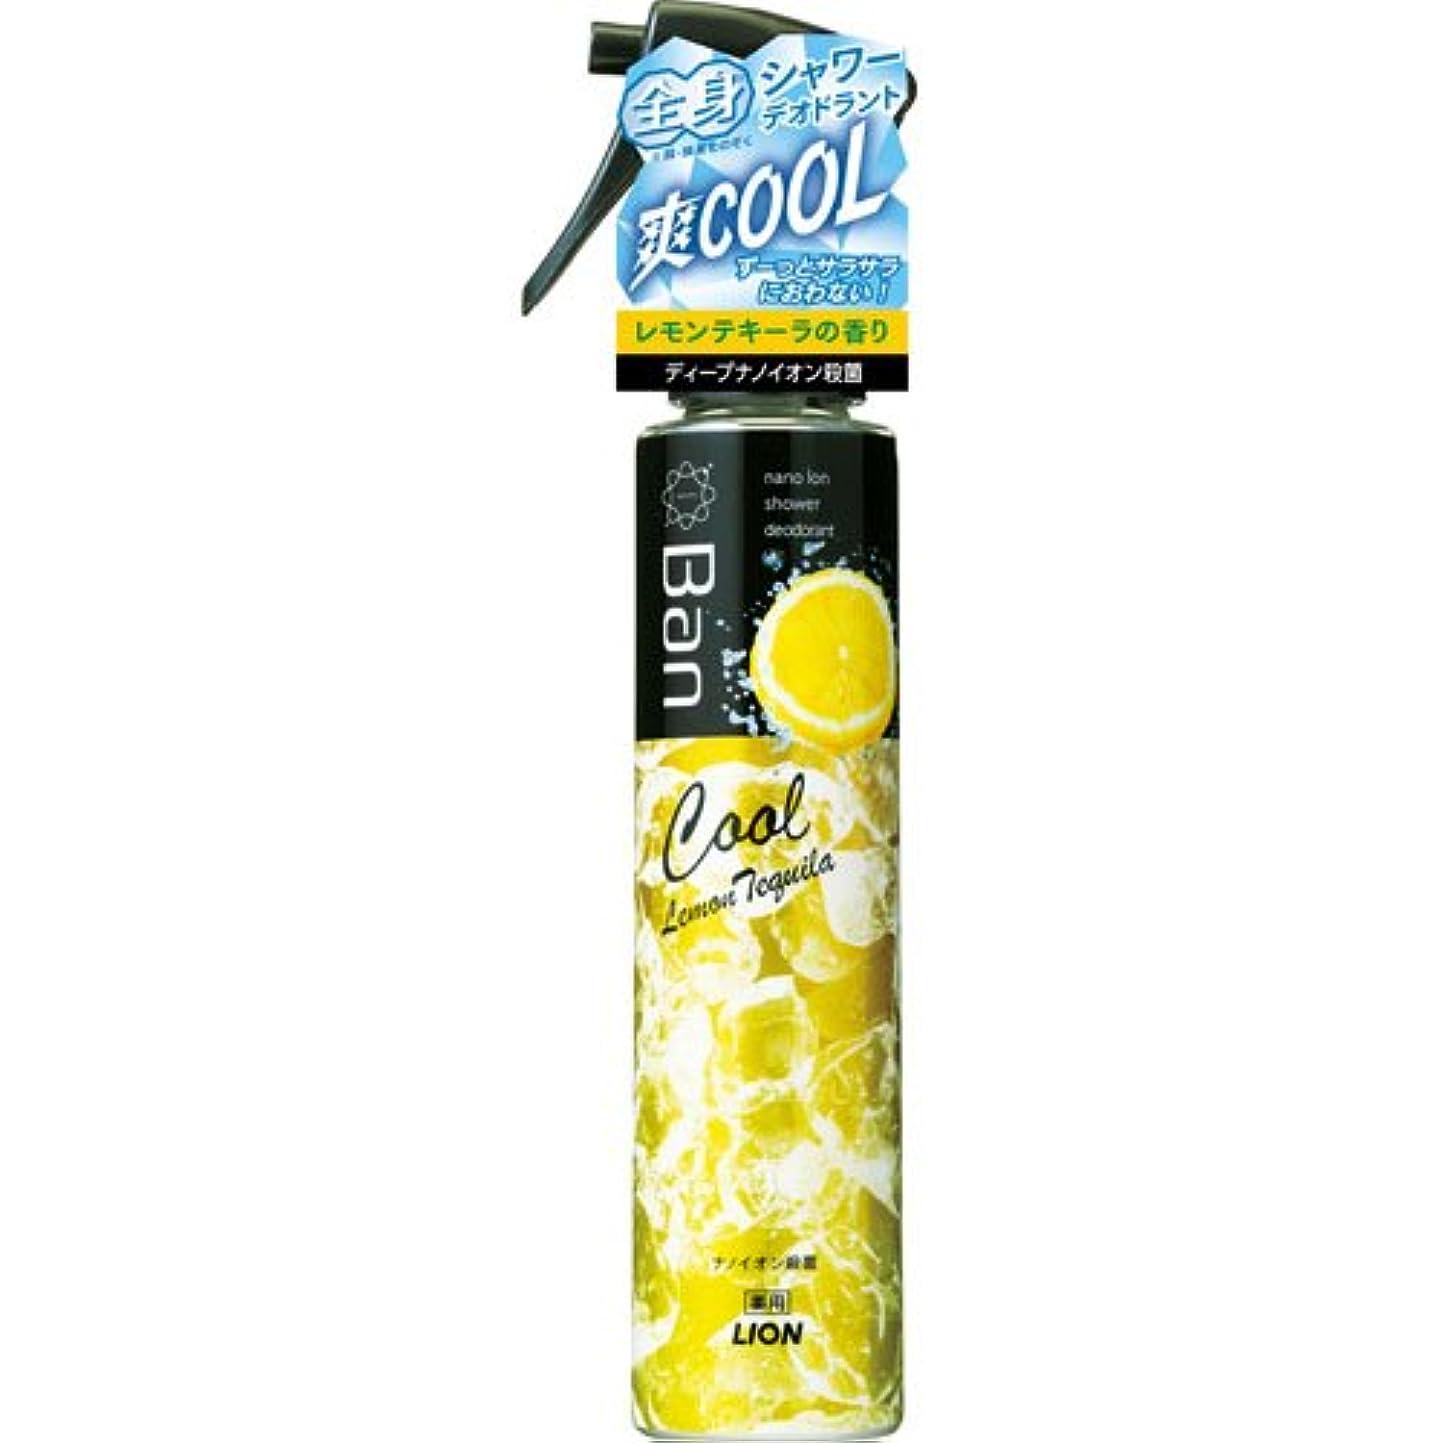 追放する地上のアイドルBan シャワーデオドラントクールタイプ レモンテキーラの香り 120ml (医薬部外品)